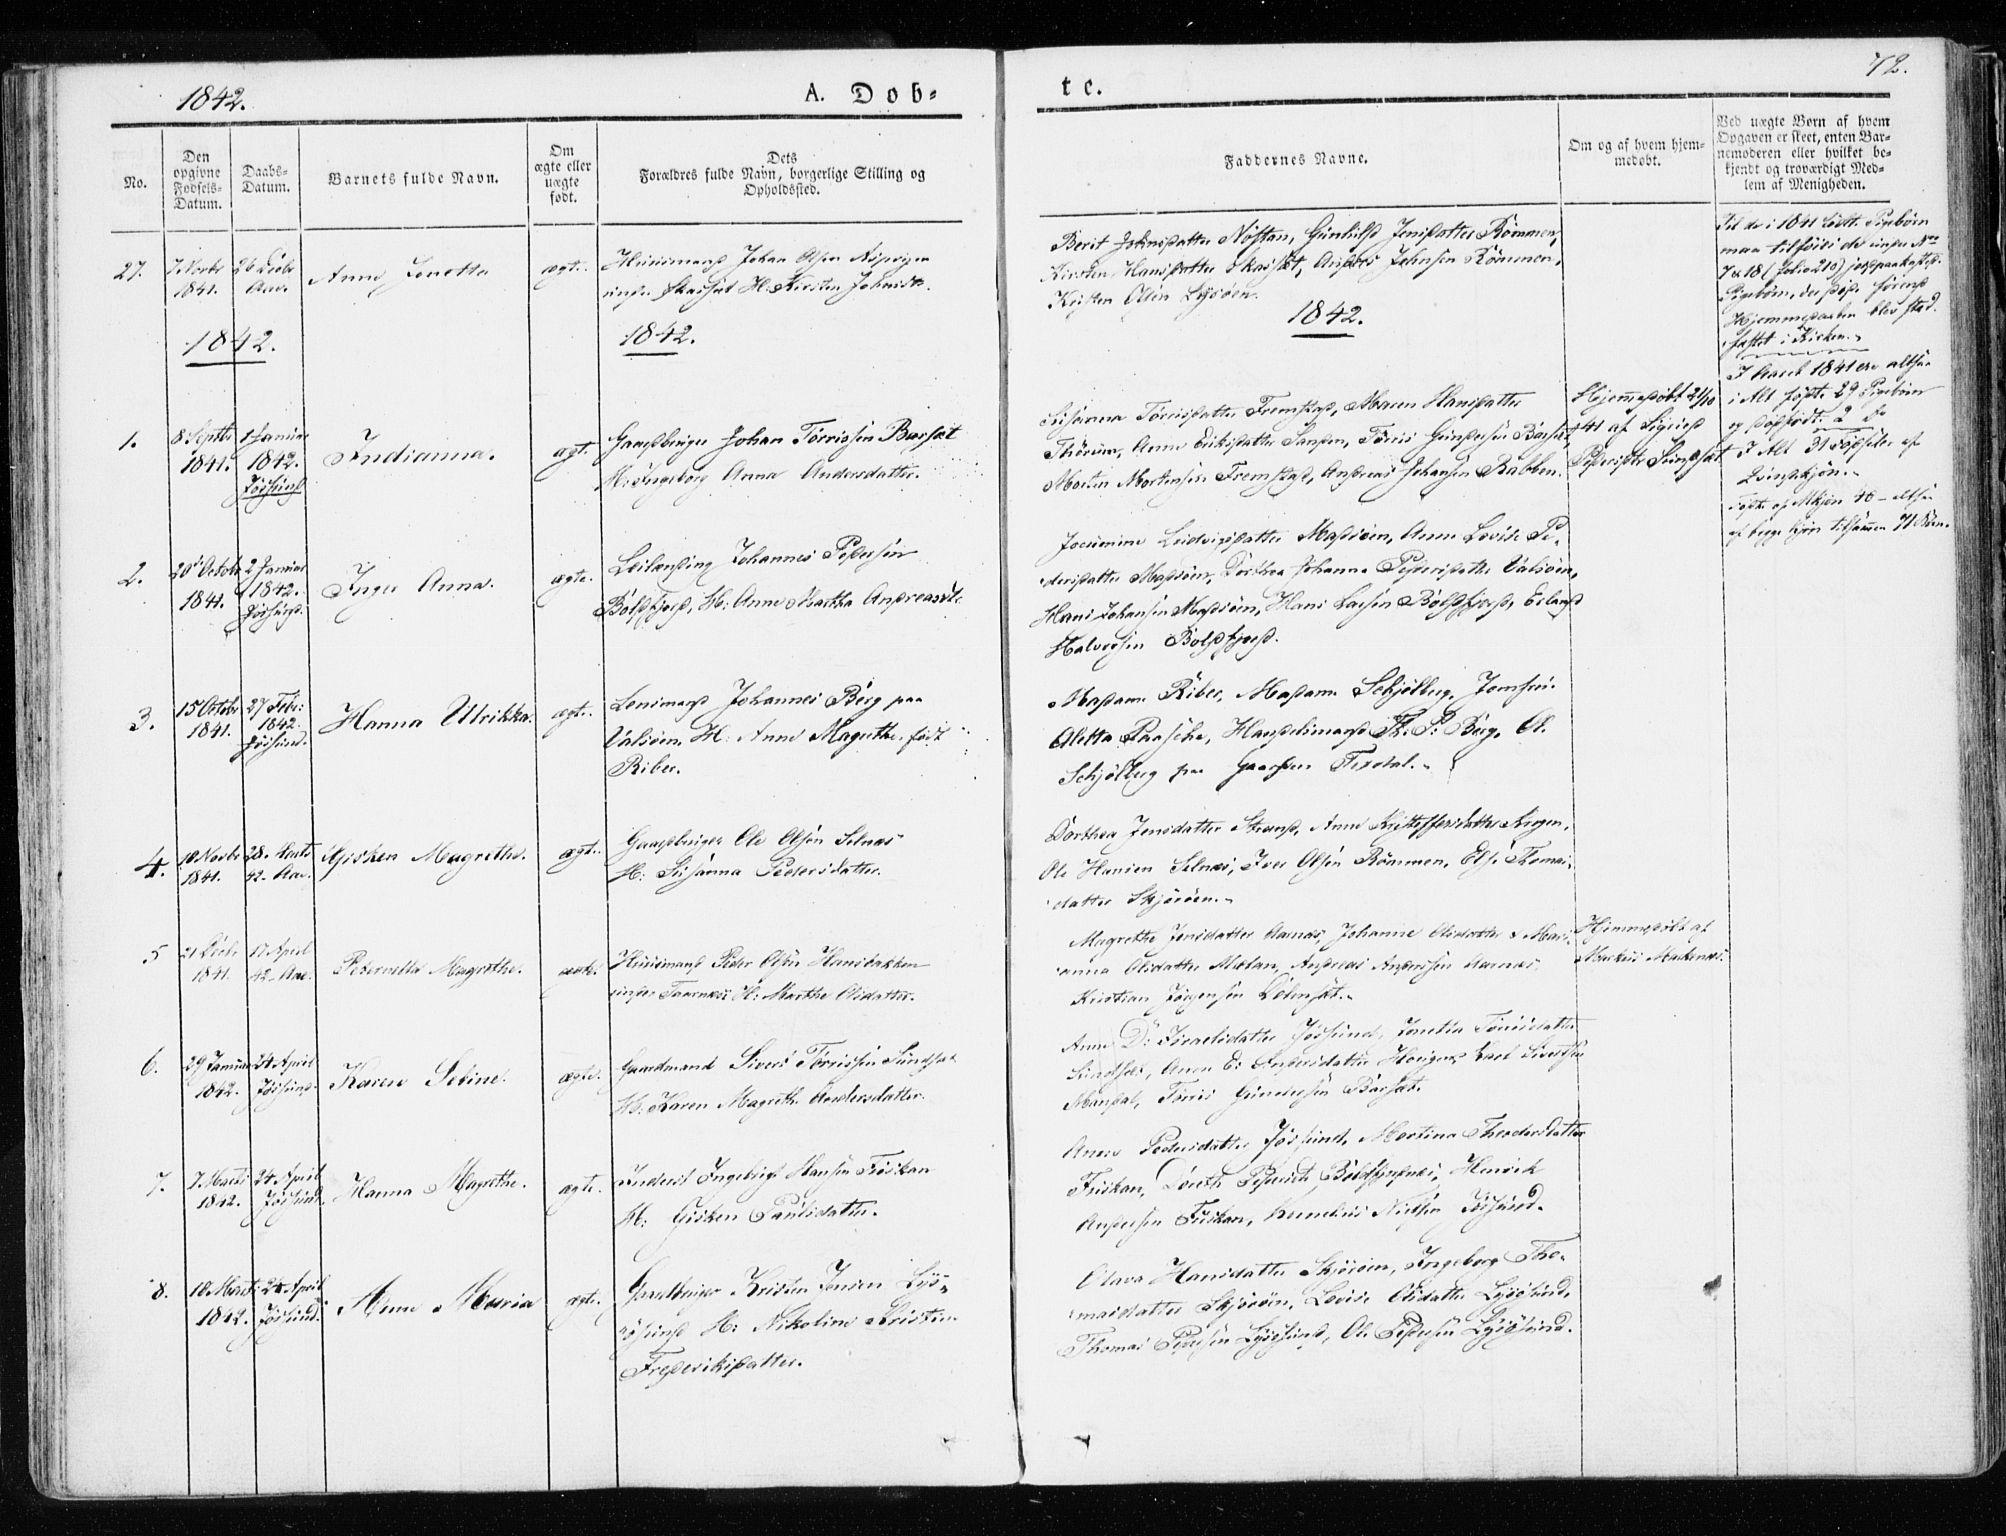 SAT, Ministerialprotokoller, klokkerbøker og fødselsregistre - Sør-Trøndelag, 655/L0676: Ministerialbok nr. 655A05, 1830-1847, s. 72